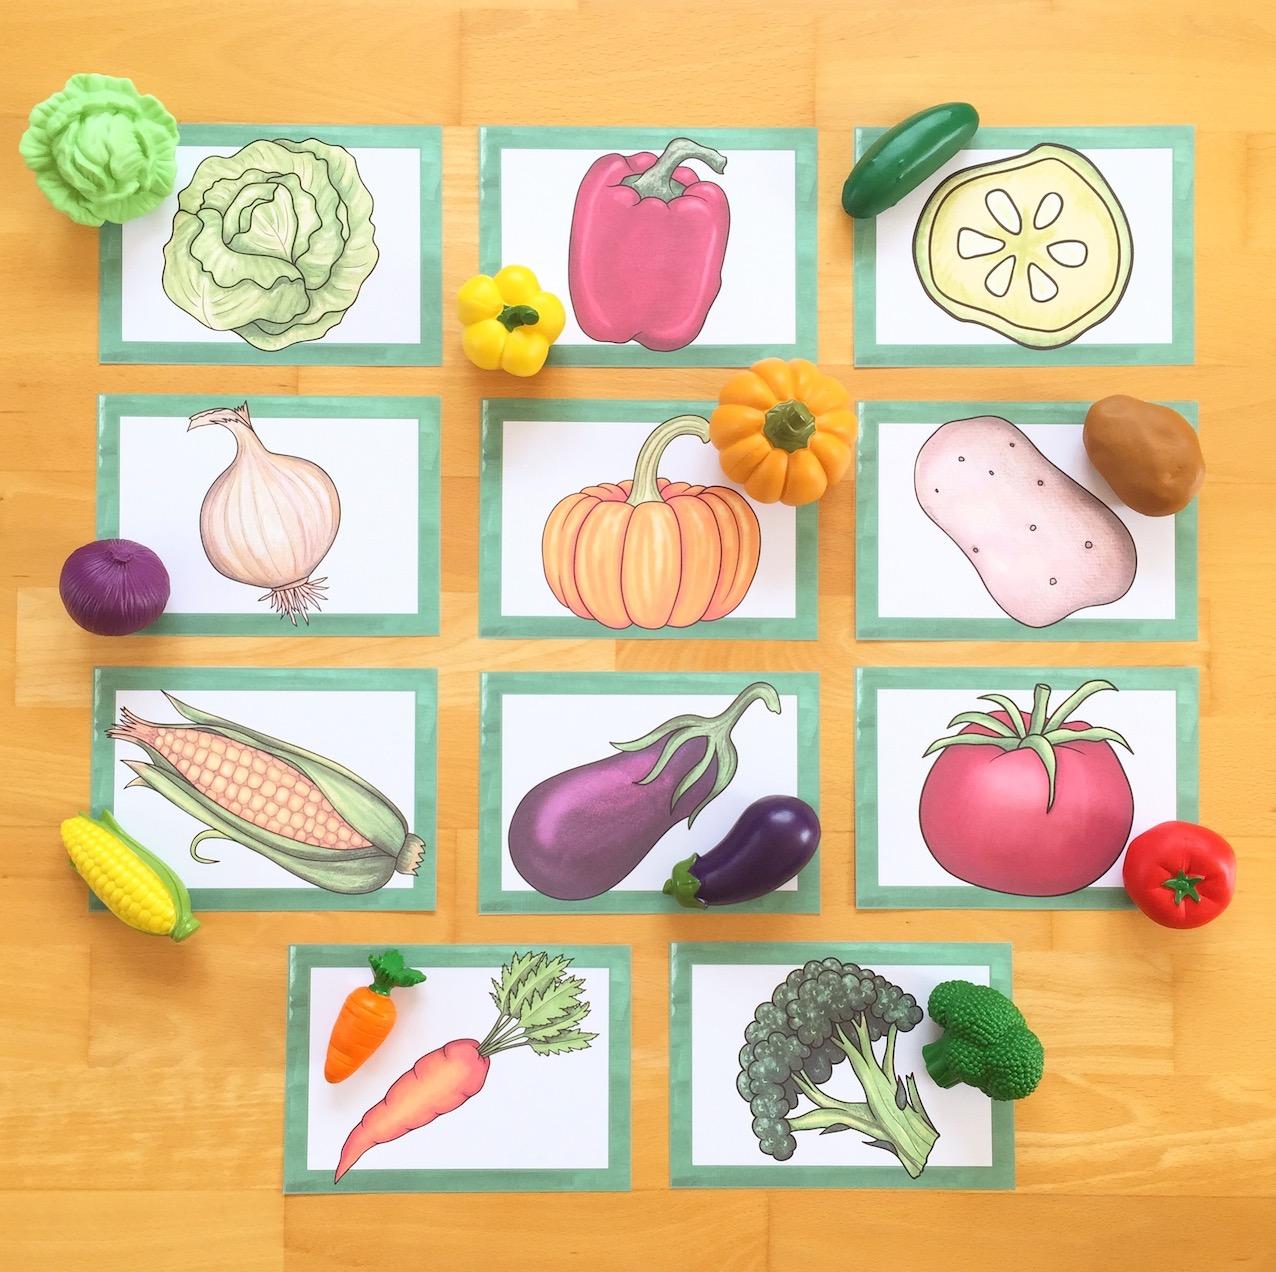 Eingesetzt Englisch materialwiese thema vegetables im englischunterricht